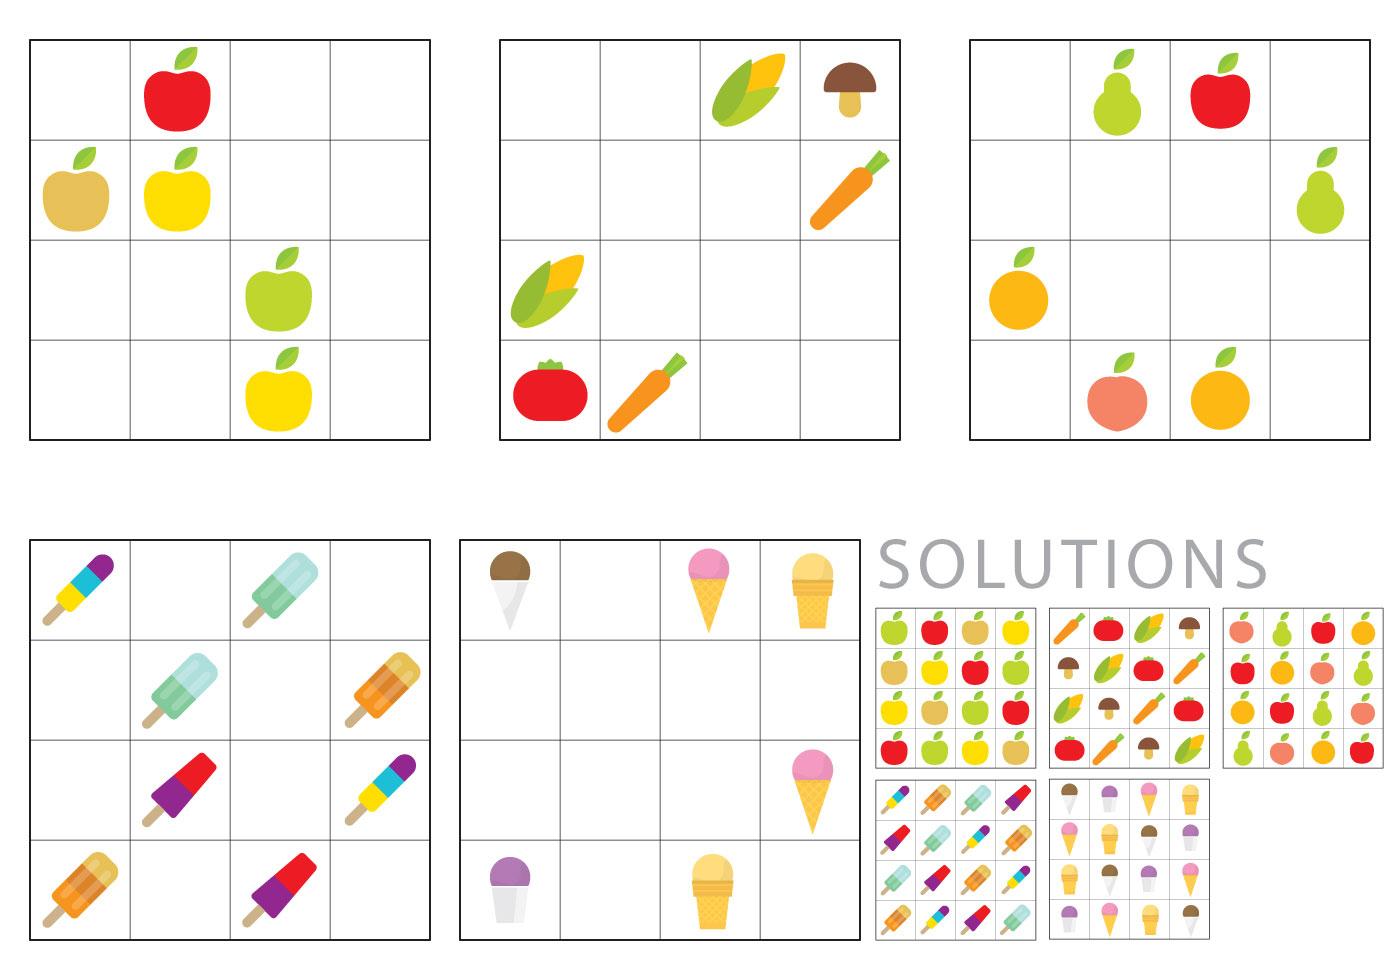 Sudoku Pour Les Enfants - Telecharger Vectoriel Gratuit avec Sudoku Gratuit Enfant